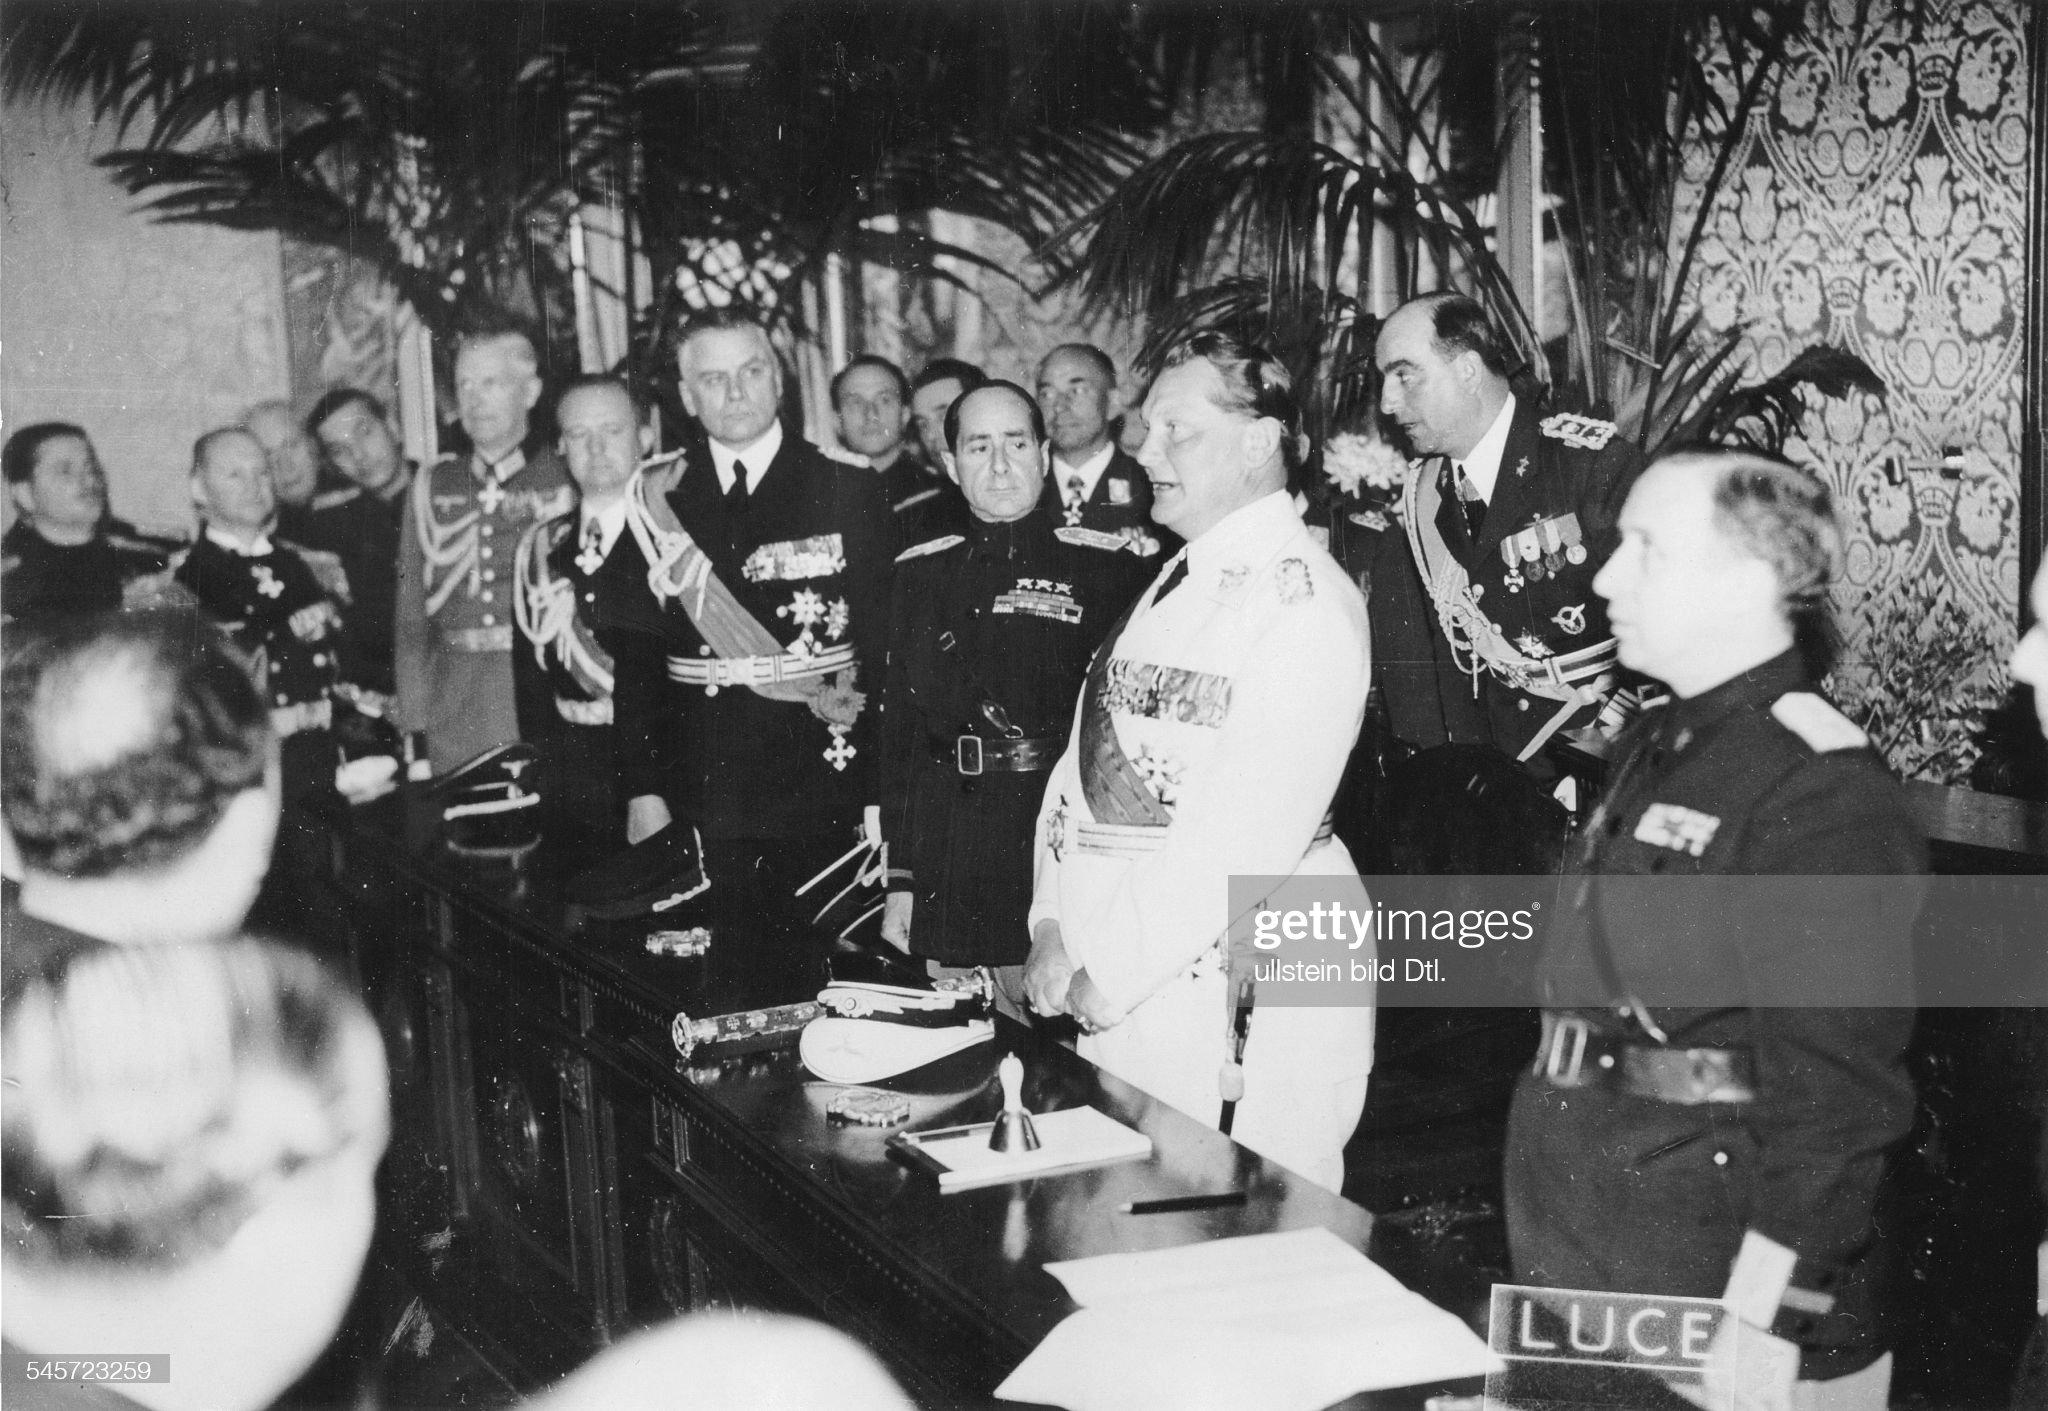 Besuch von H. Göring in Italien - H. Göring bei einer Rede im Palazzo Littorio : Nachrichtenfoto